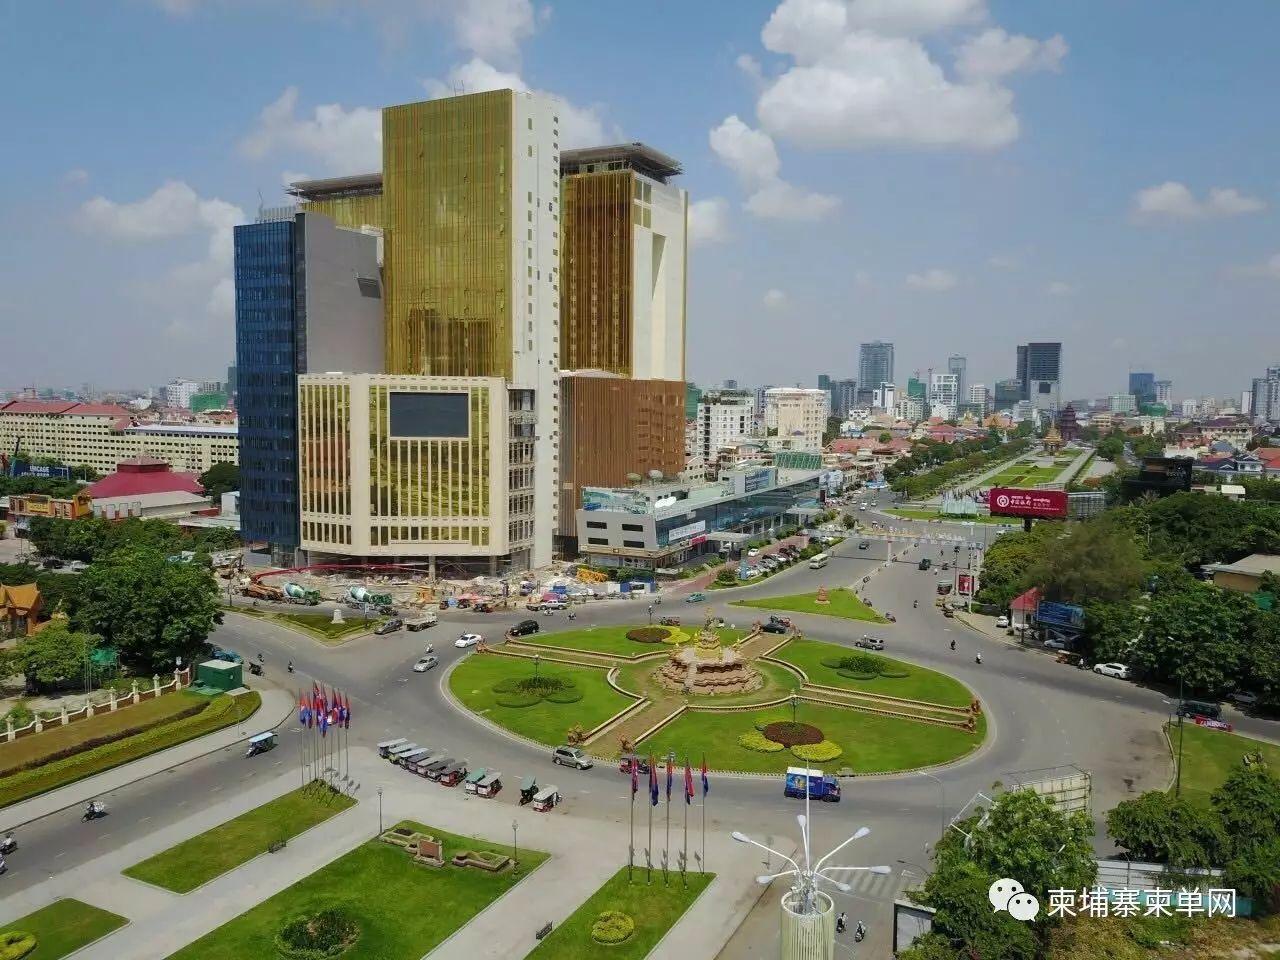 如果欧盟撤销关税优惠待遇,柬埔寨经济该何去何从?